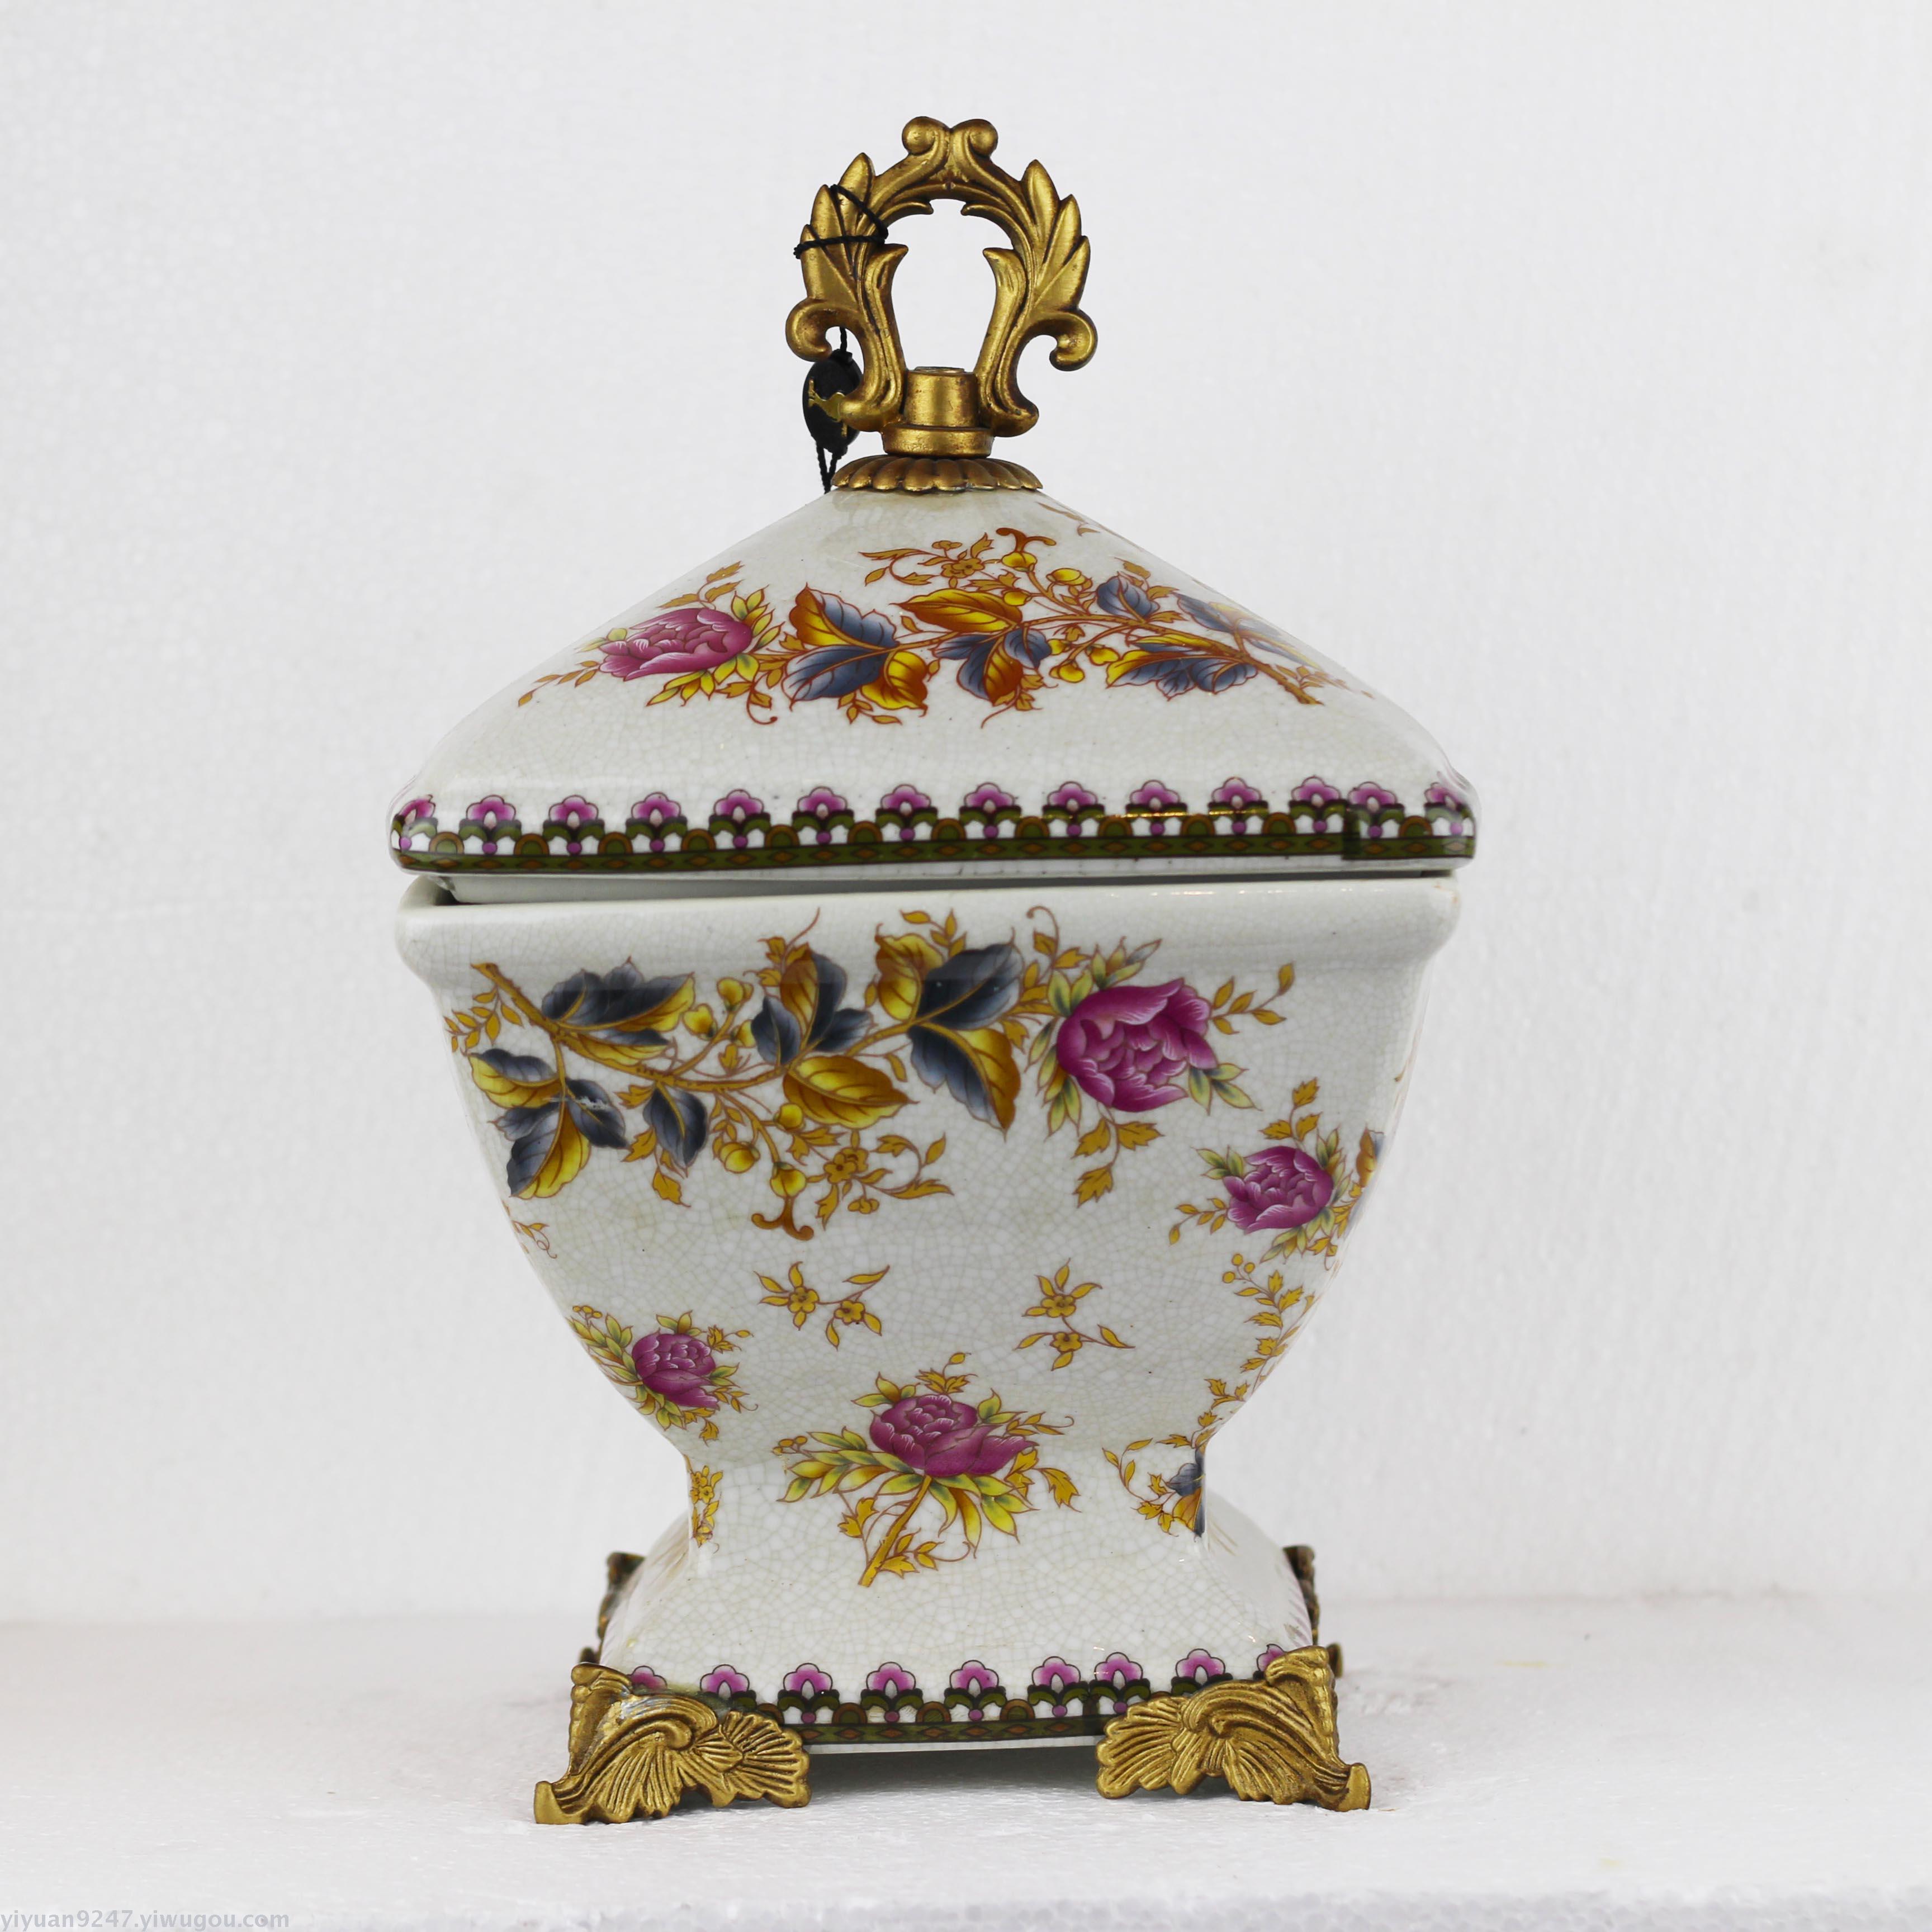 复古奢华宫廷糖果罐 陶瓷装饰品工艺品